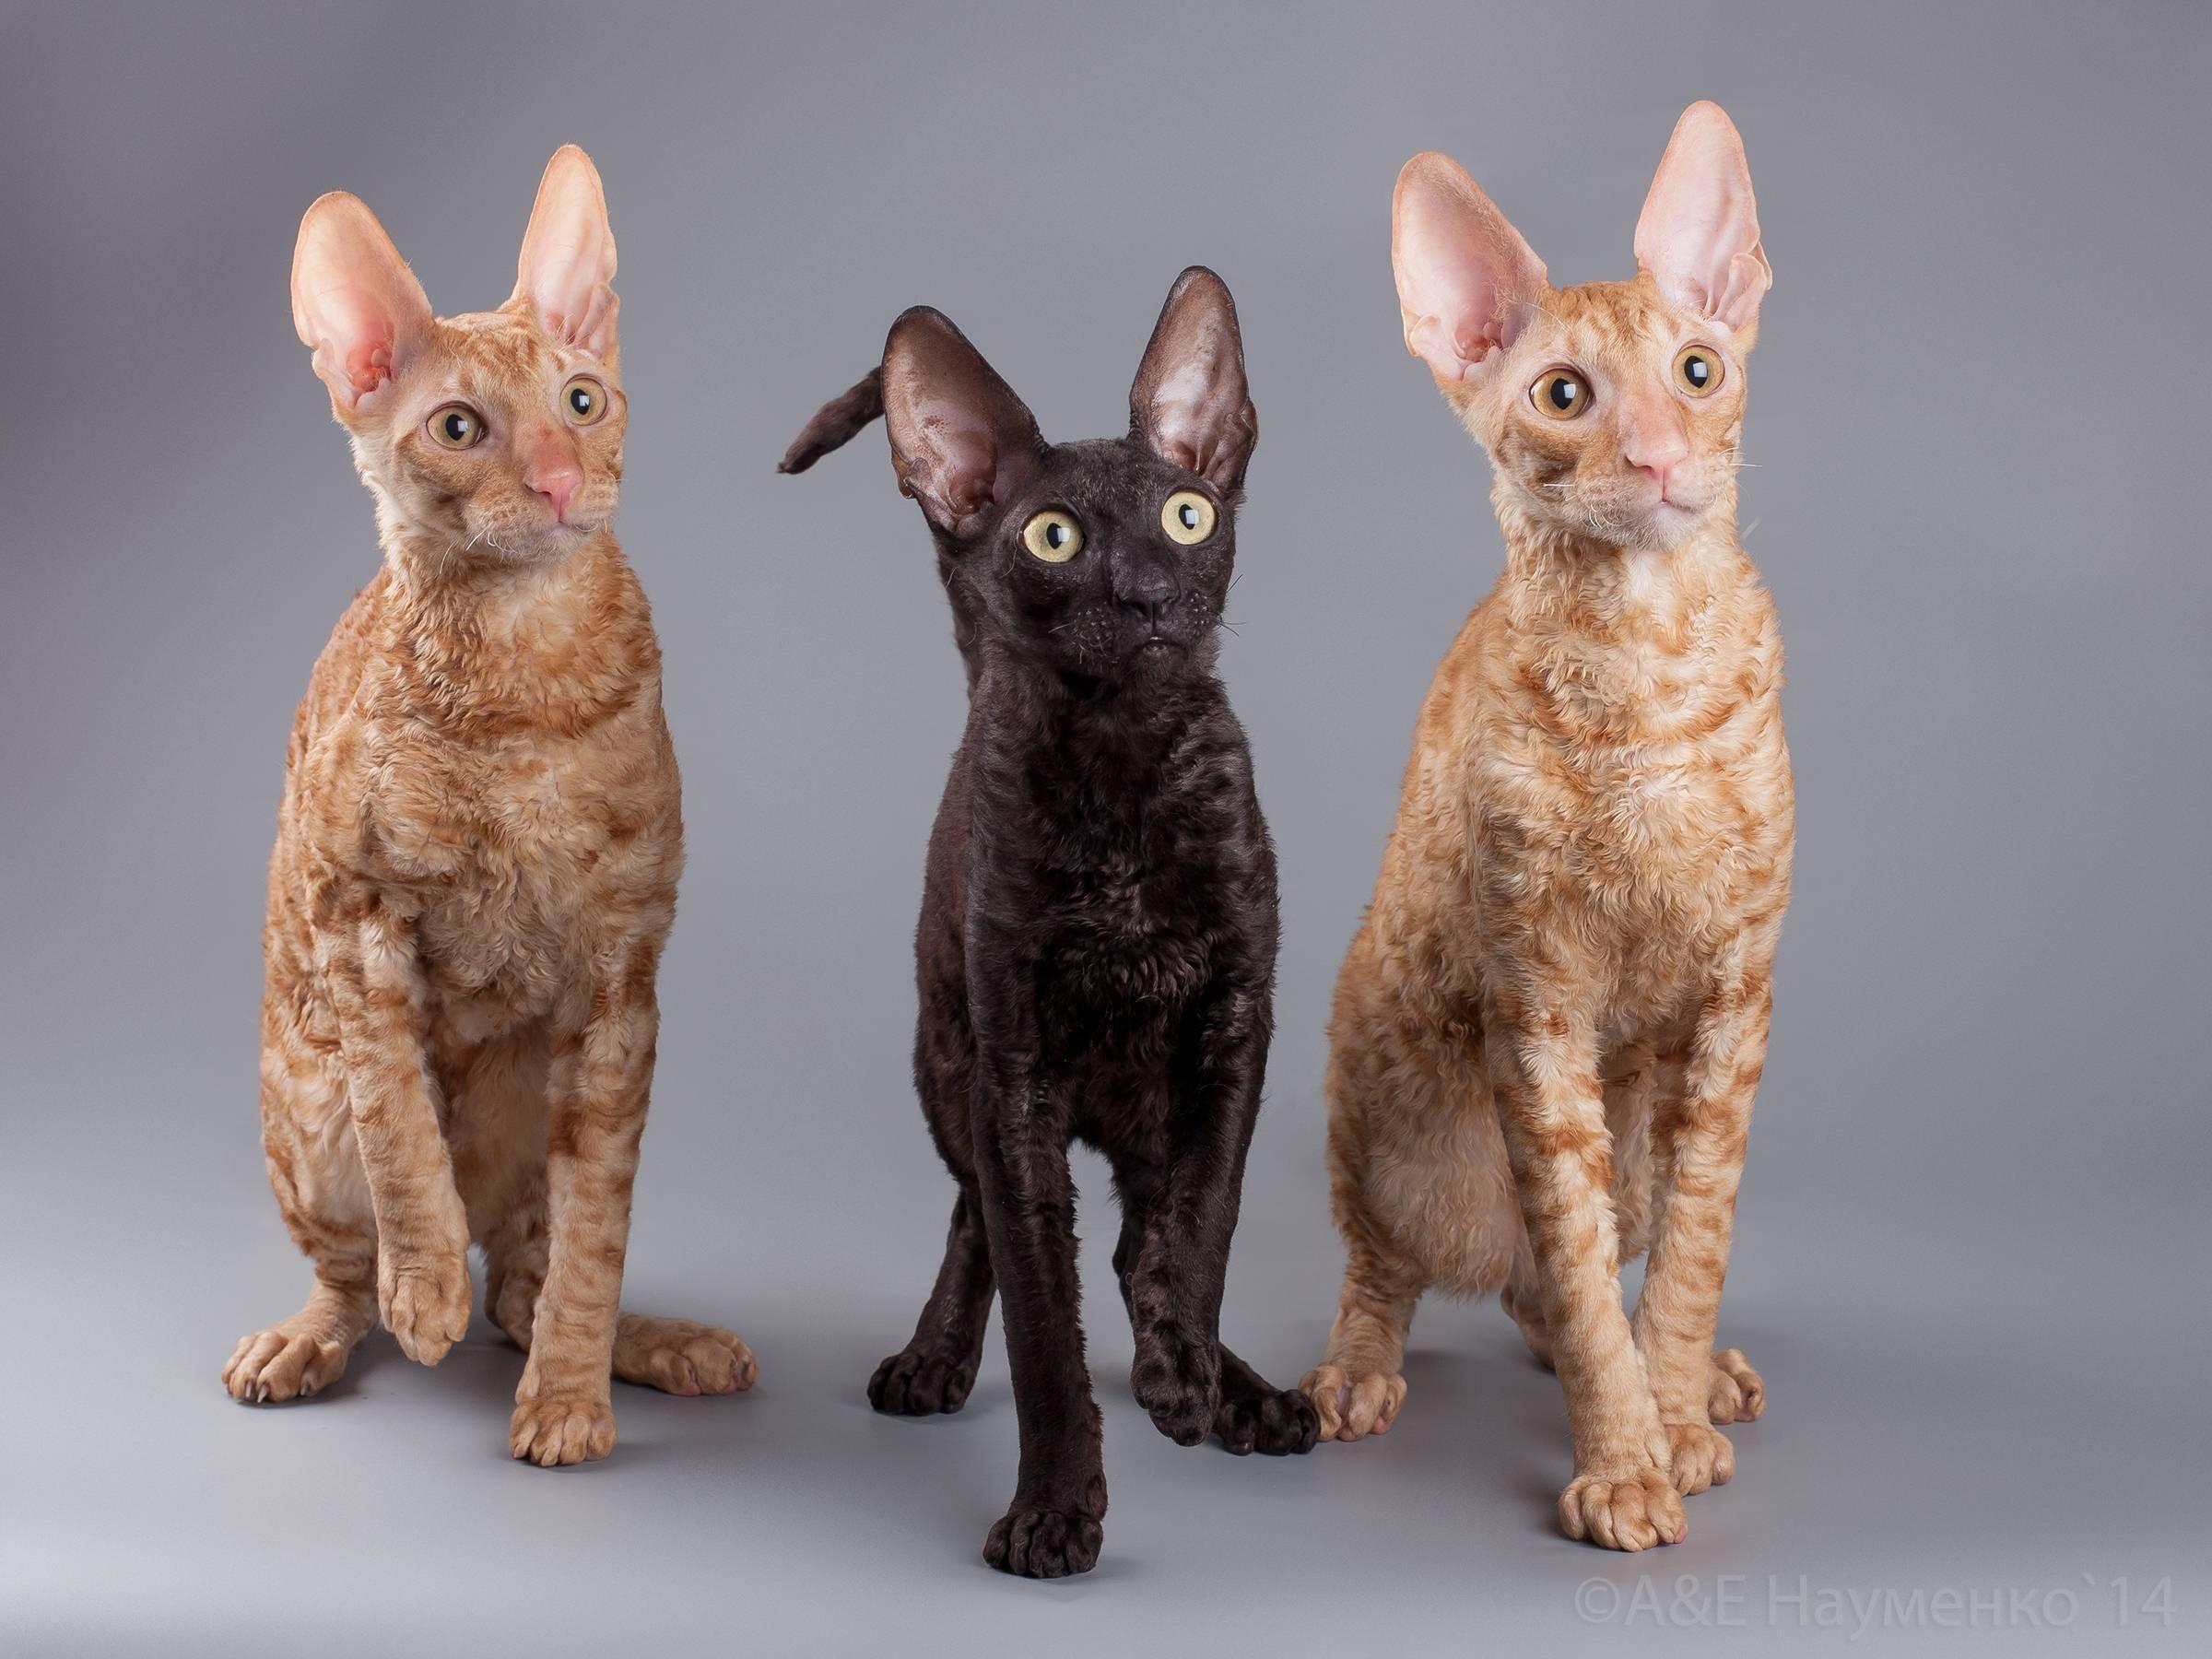 Немецкий рекс: описание породы, характер кошки, советы по содержанию и уходу, фото